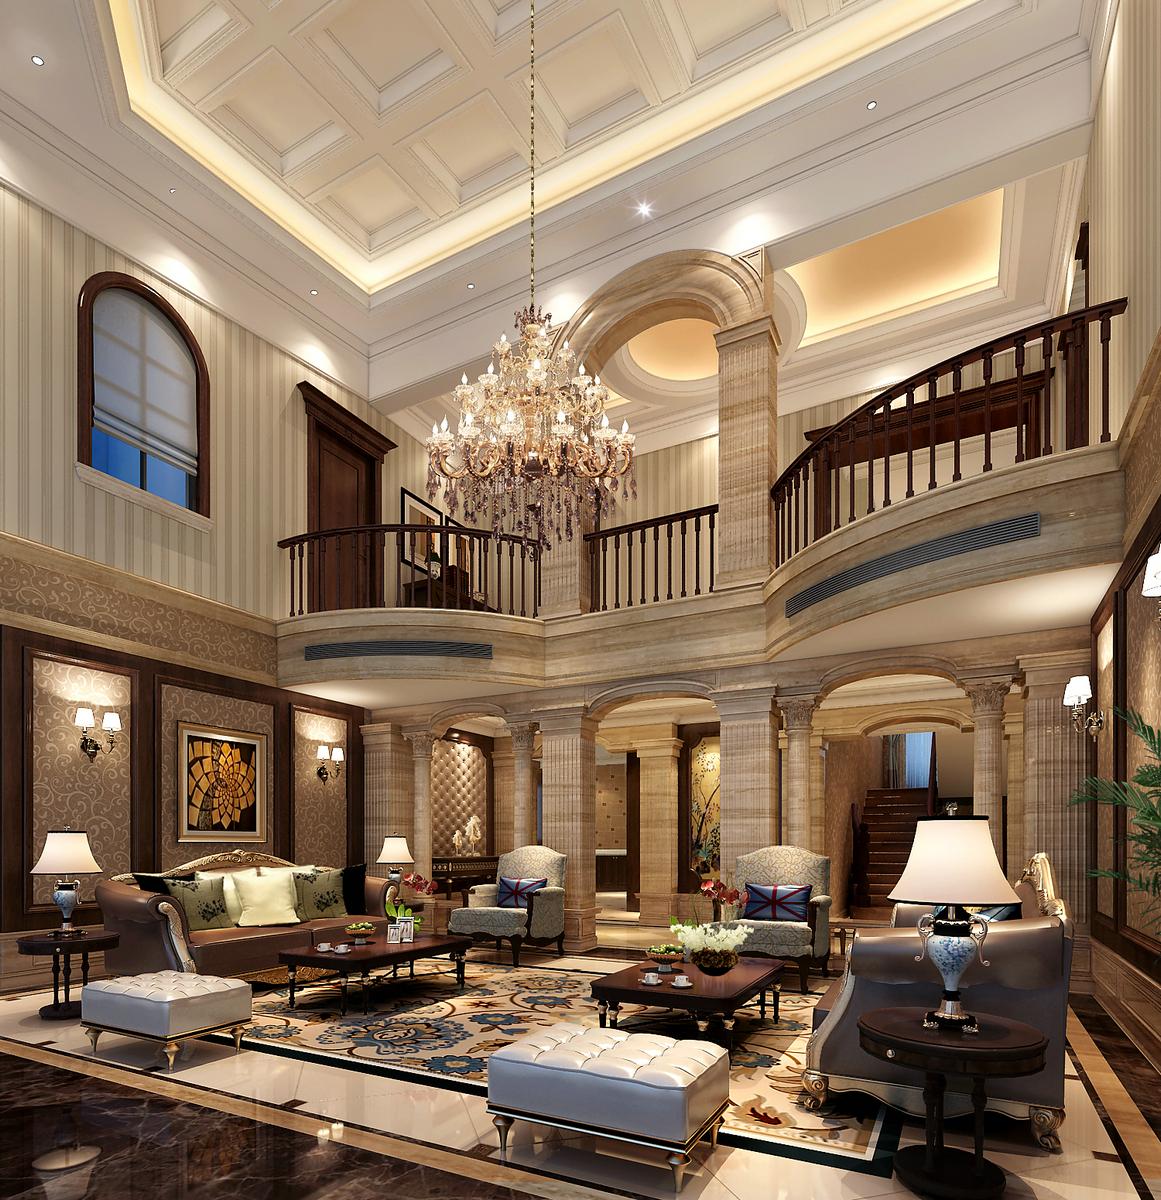 爱法奥朗 别墅装修 欧式古典 腾龙设计 客厅图片来自腾龙设计在爱法奥朗新庄园别墅欧美风格设计的分享